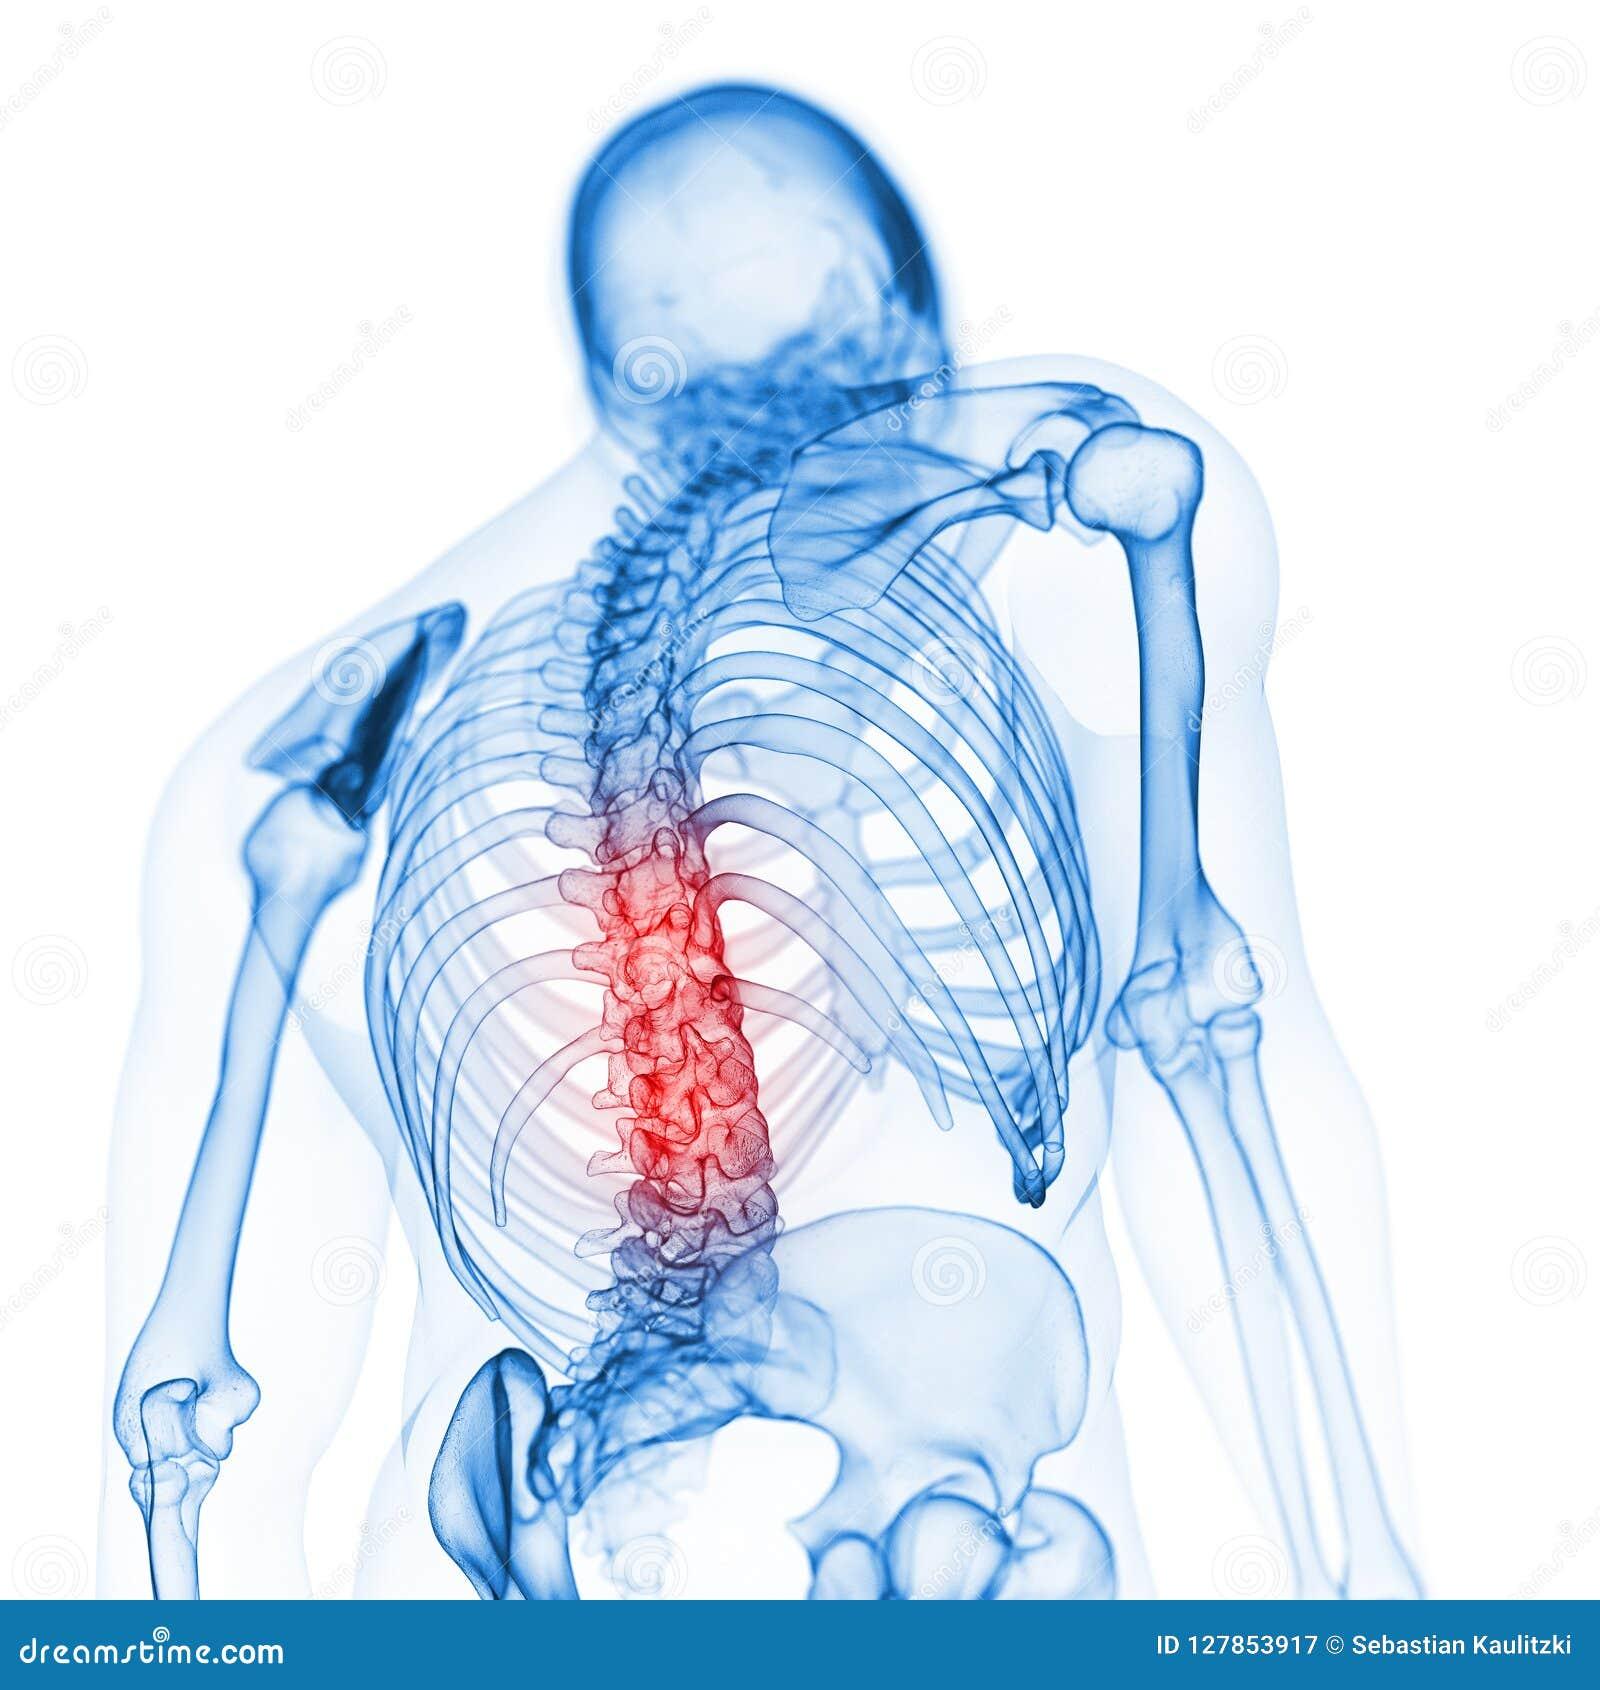 The skeletal back